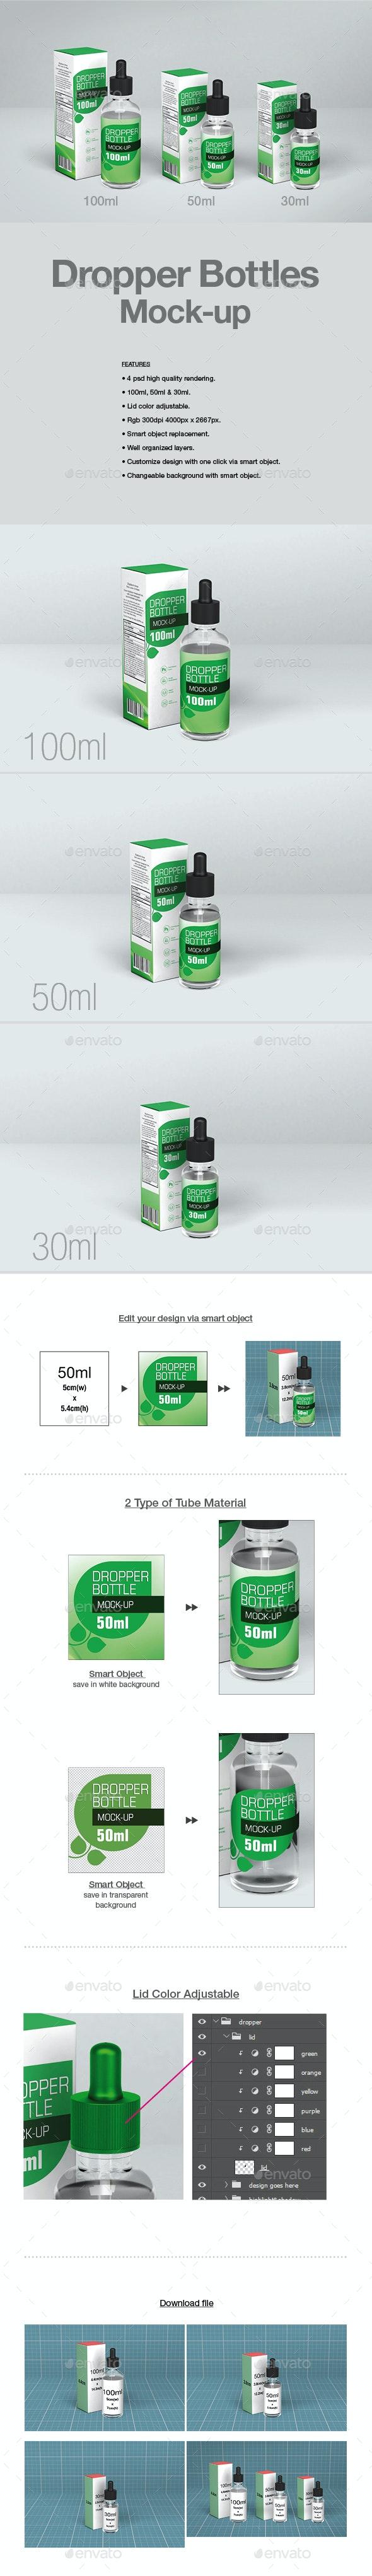 Dropper Bottles Mock-up - Packaging Product Mock-Ups